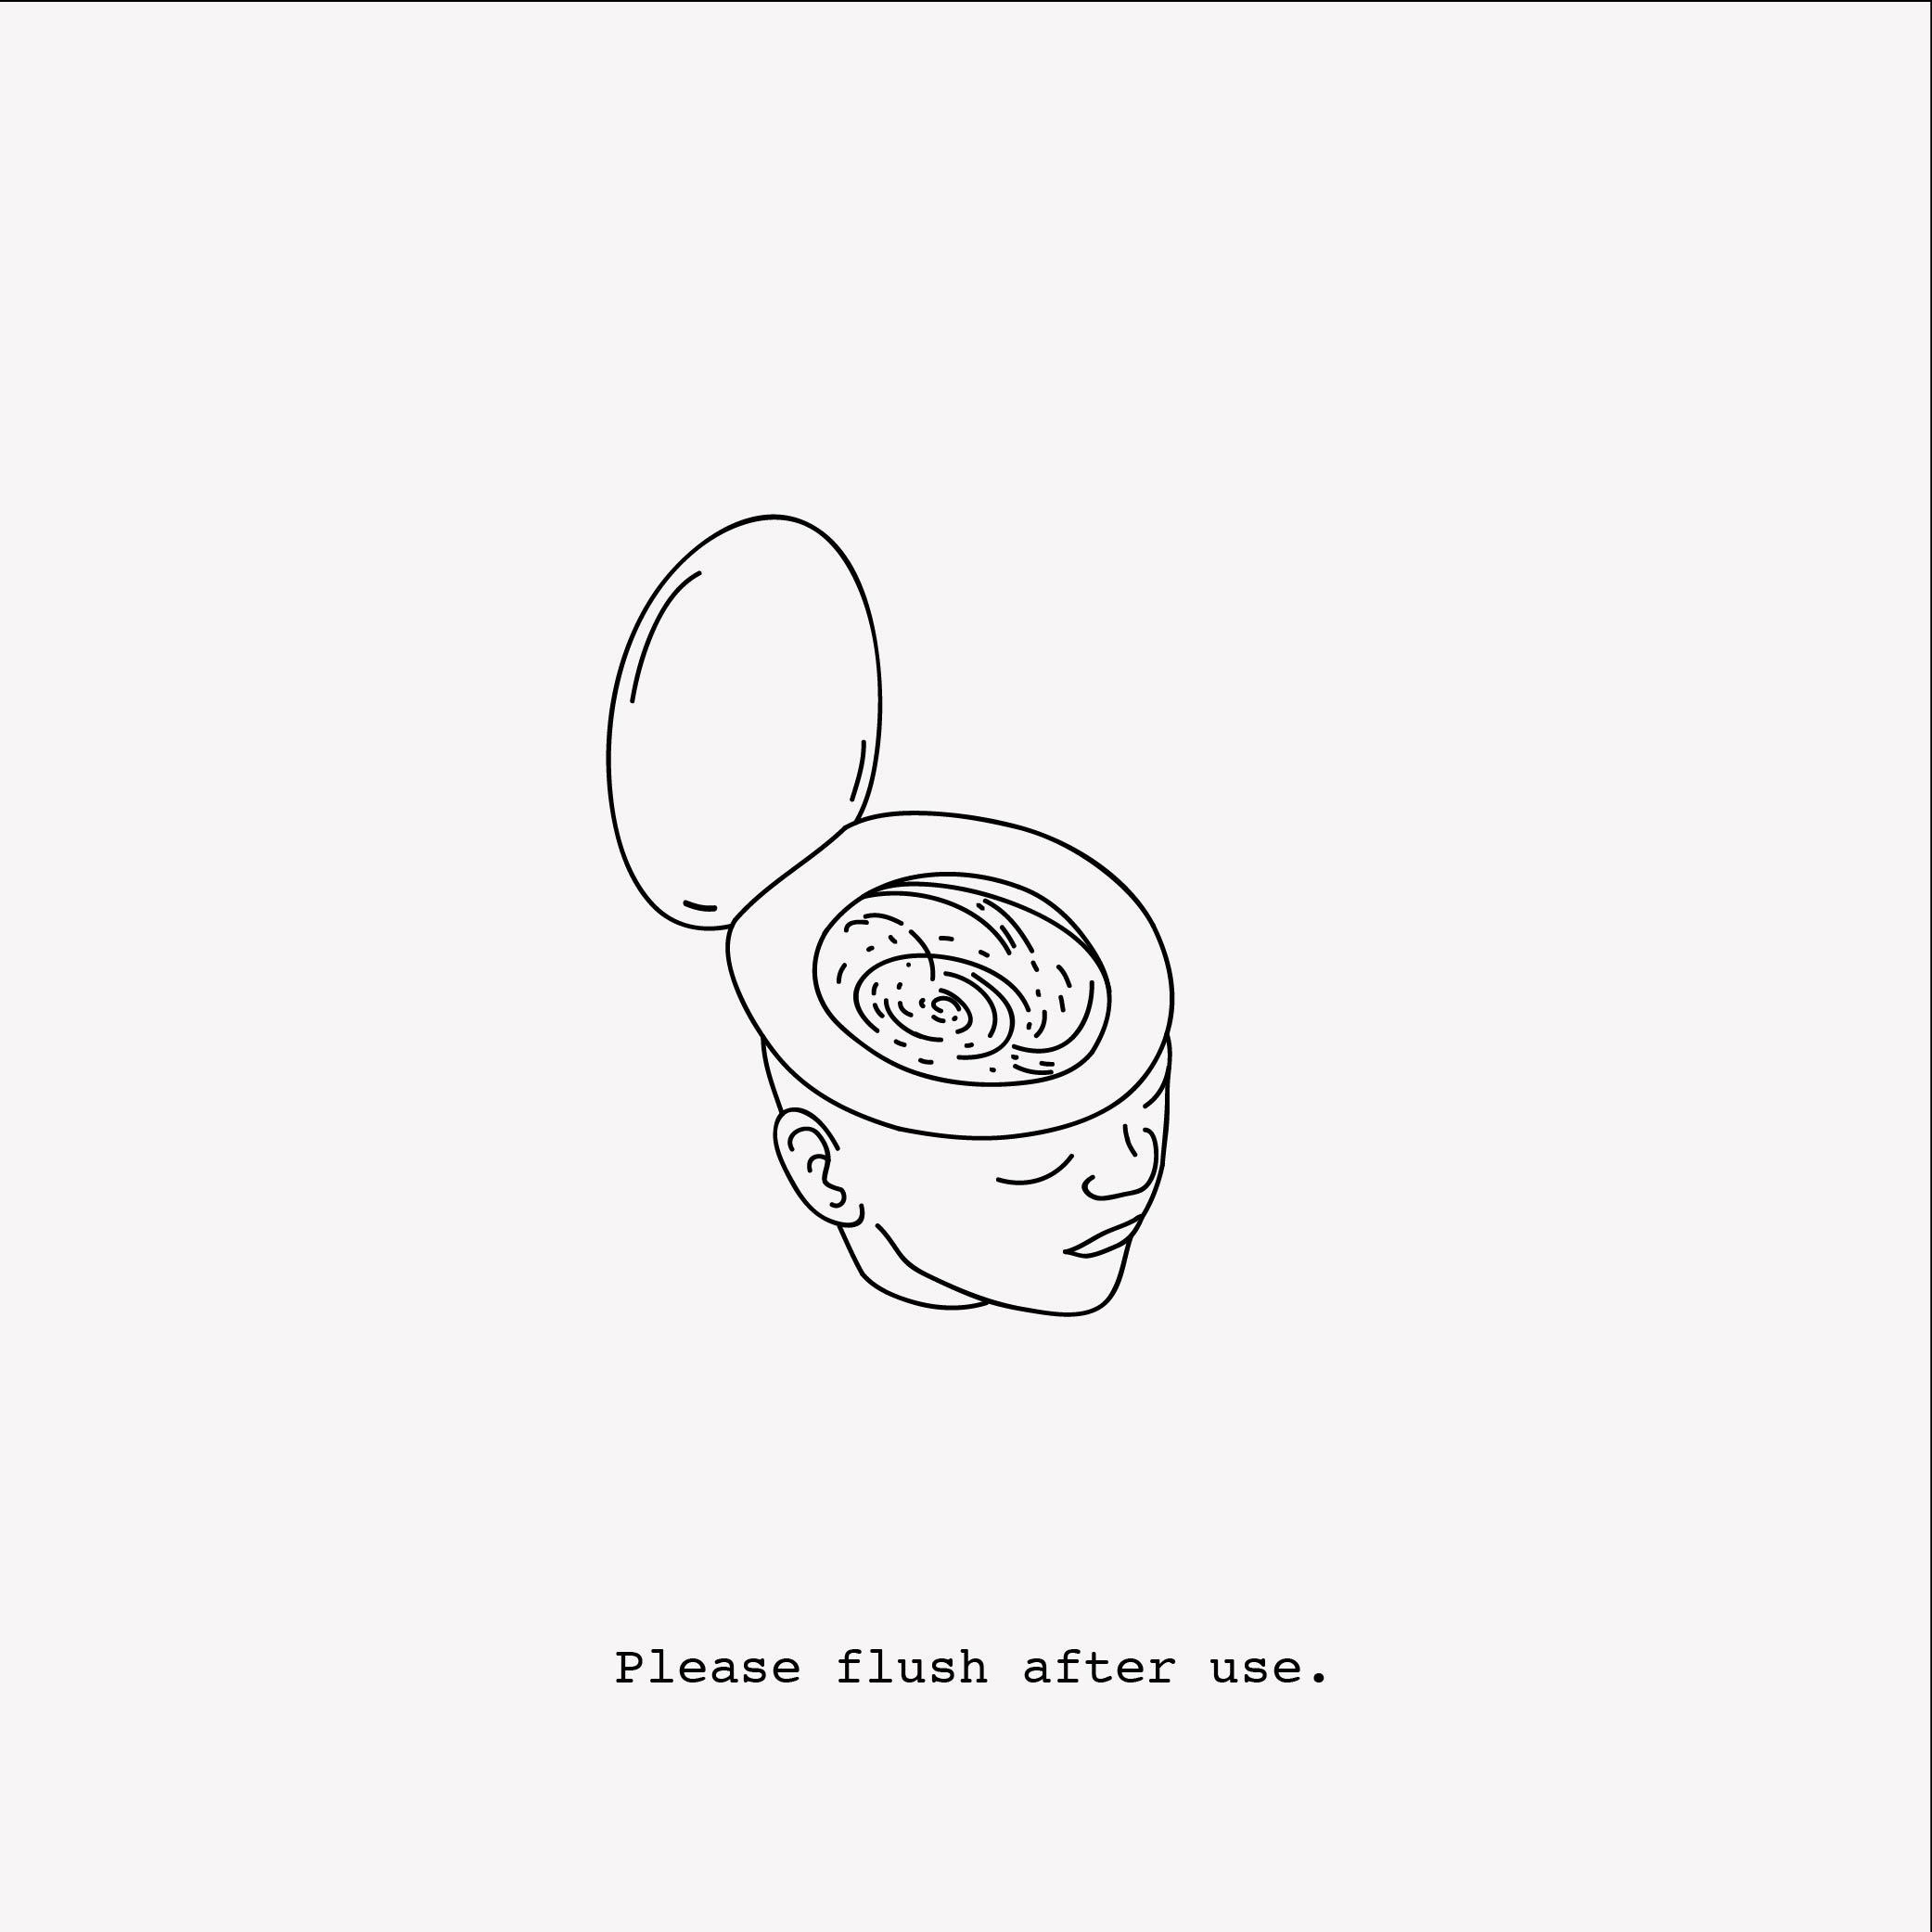 flushout-01.jpg